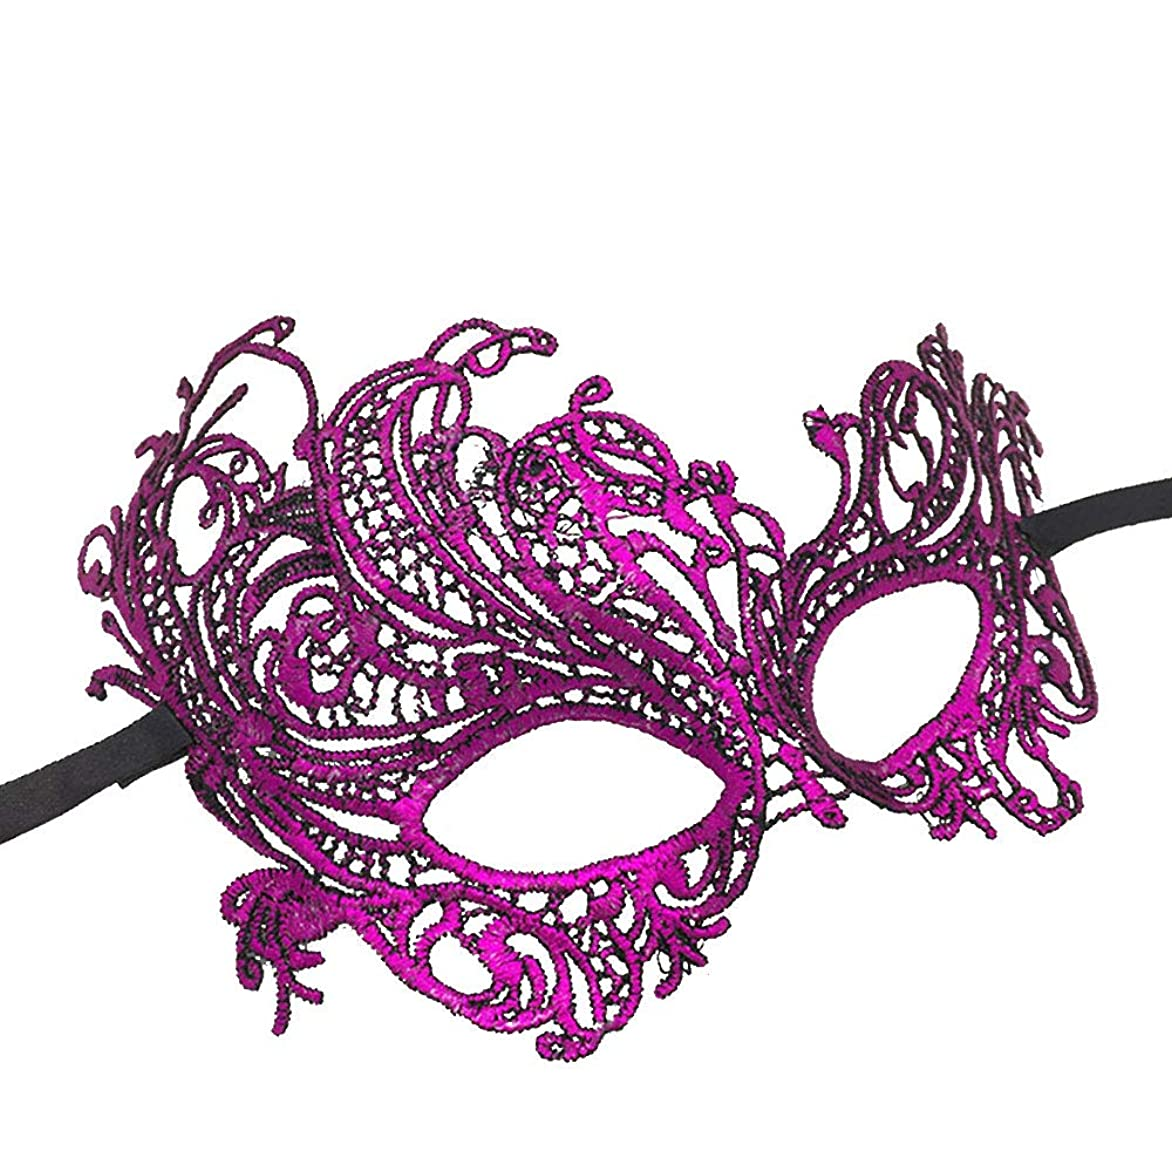 完了小売不安定なAuntwhale ハロウィンマスク大人恐怖コスチューム、パーティーファンシー仮装ハロウィンマスク、フェスティバル通気性ギフトヘッドマスク - パープル